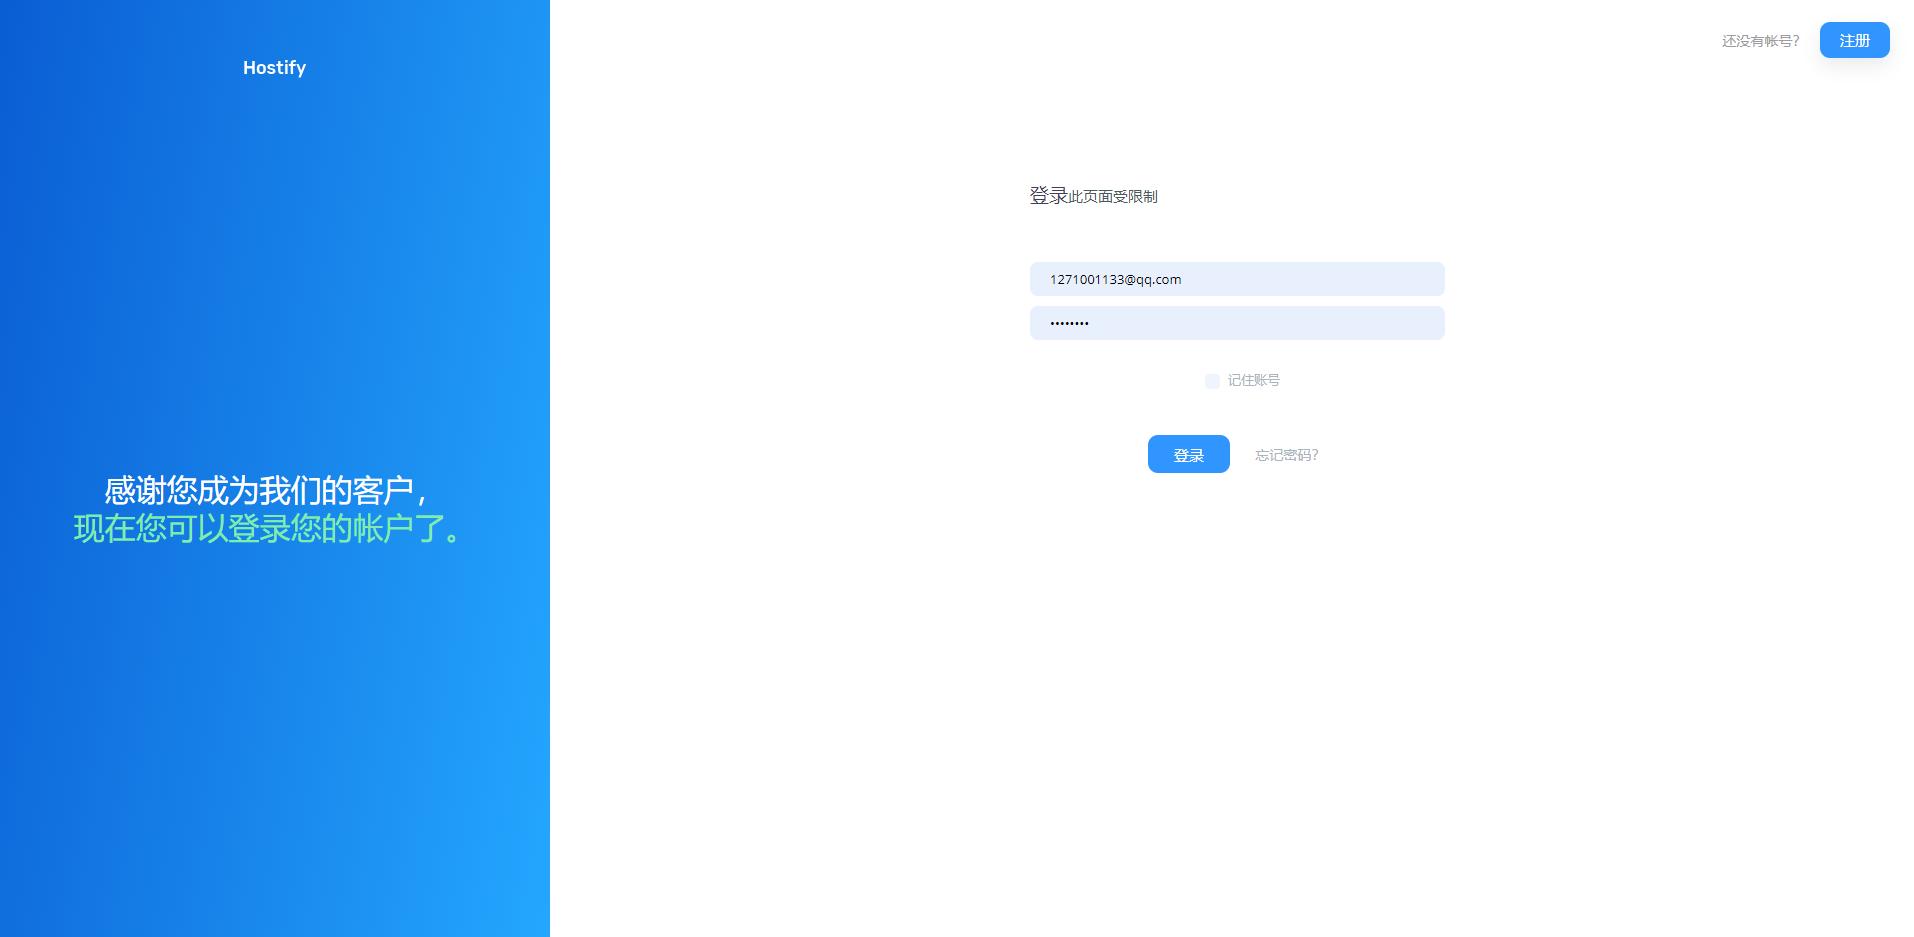 WHMCS主题模板Hostify蓝色大气自适应-常网小站Miknio